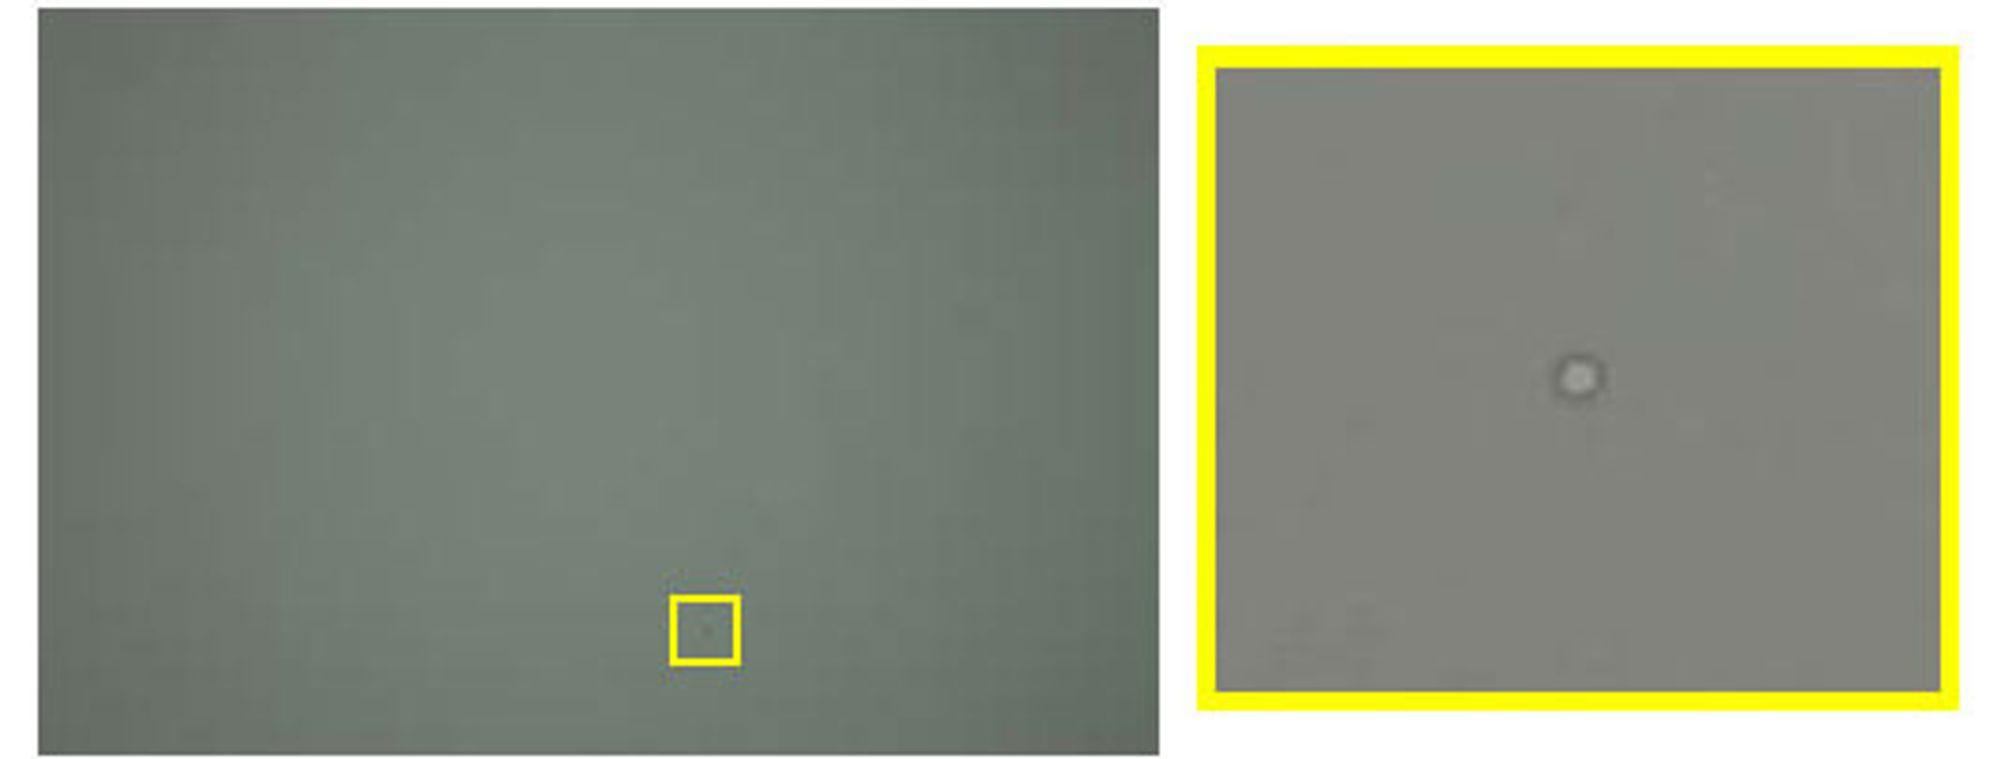 Ringformet oljeflekk er lett synlig på det forstørrete bildet til høyre.